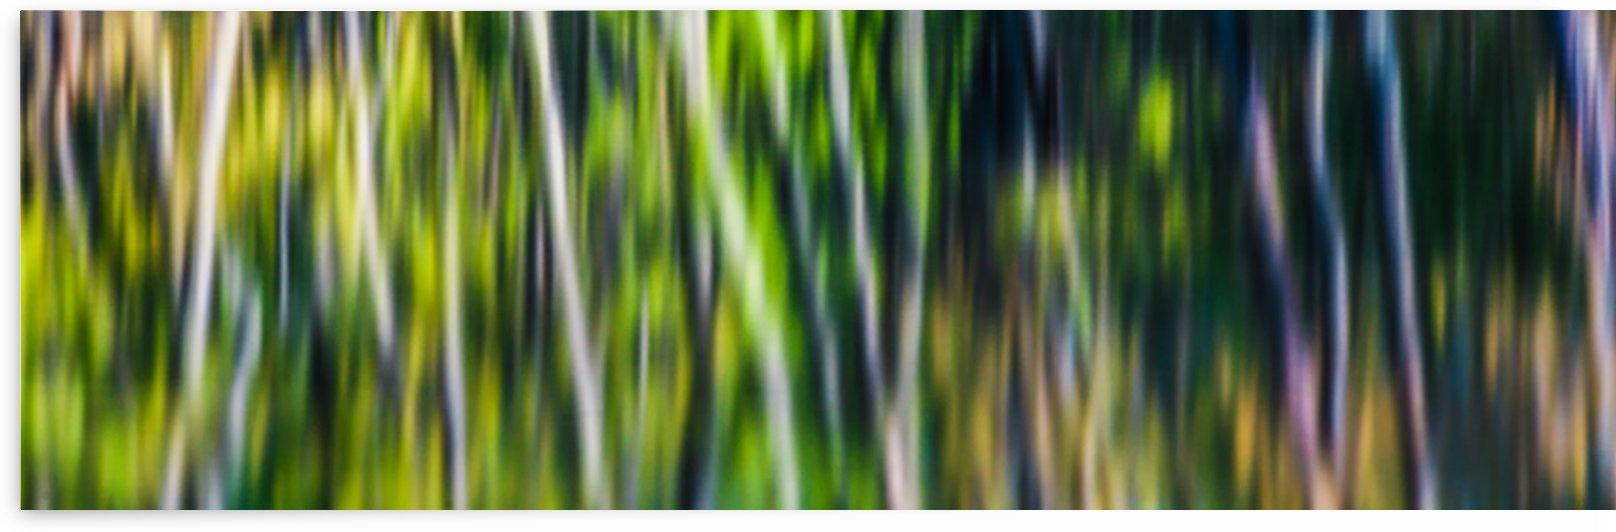 Riverside Trees by Michel Nadeau